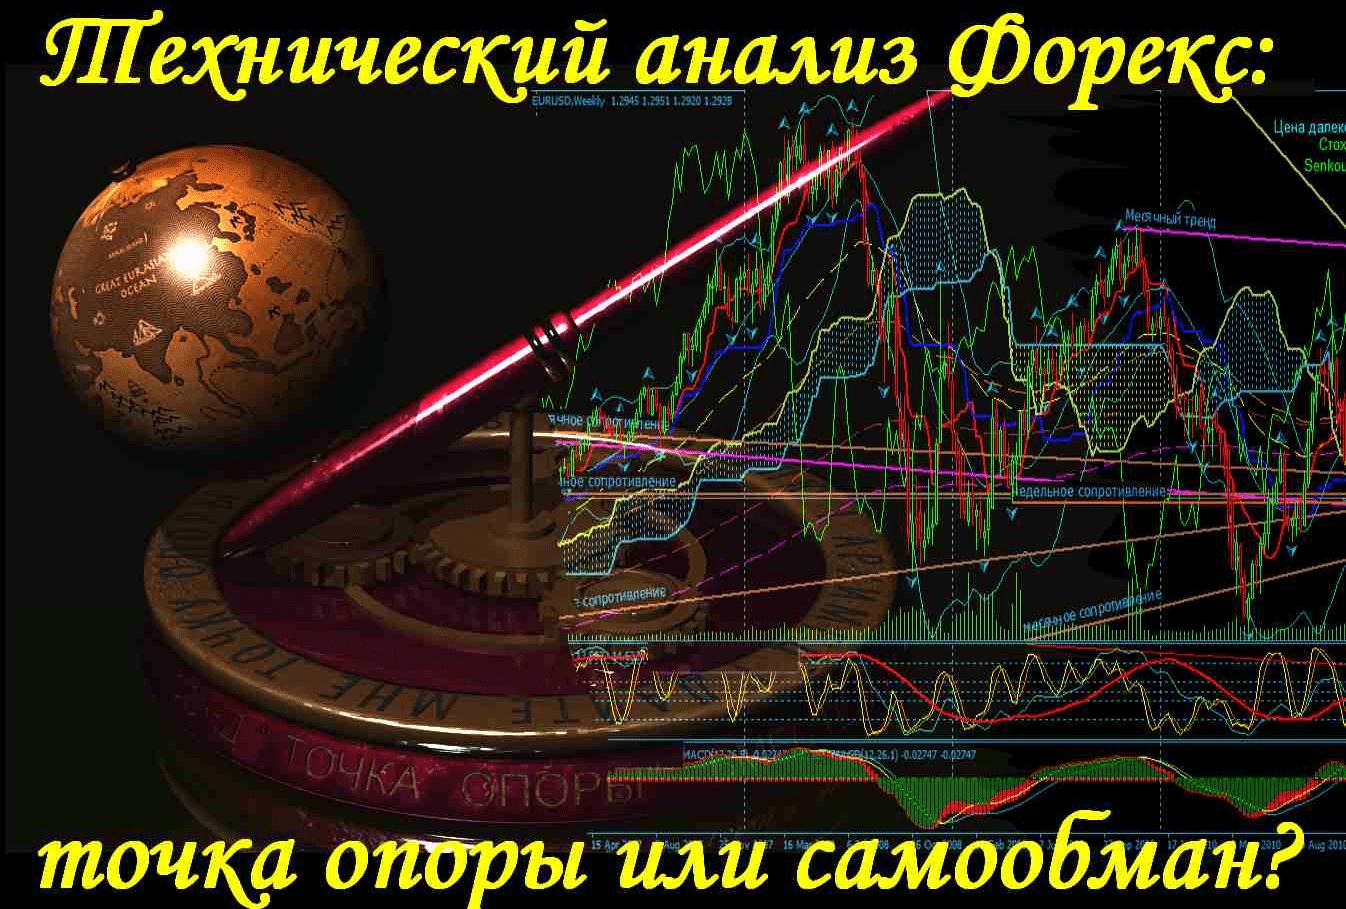 анализ биржи форекс